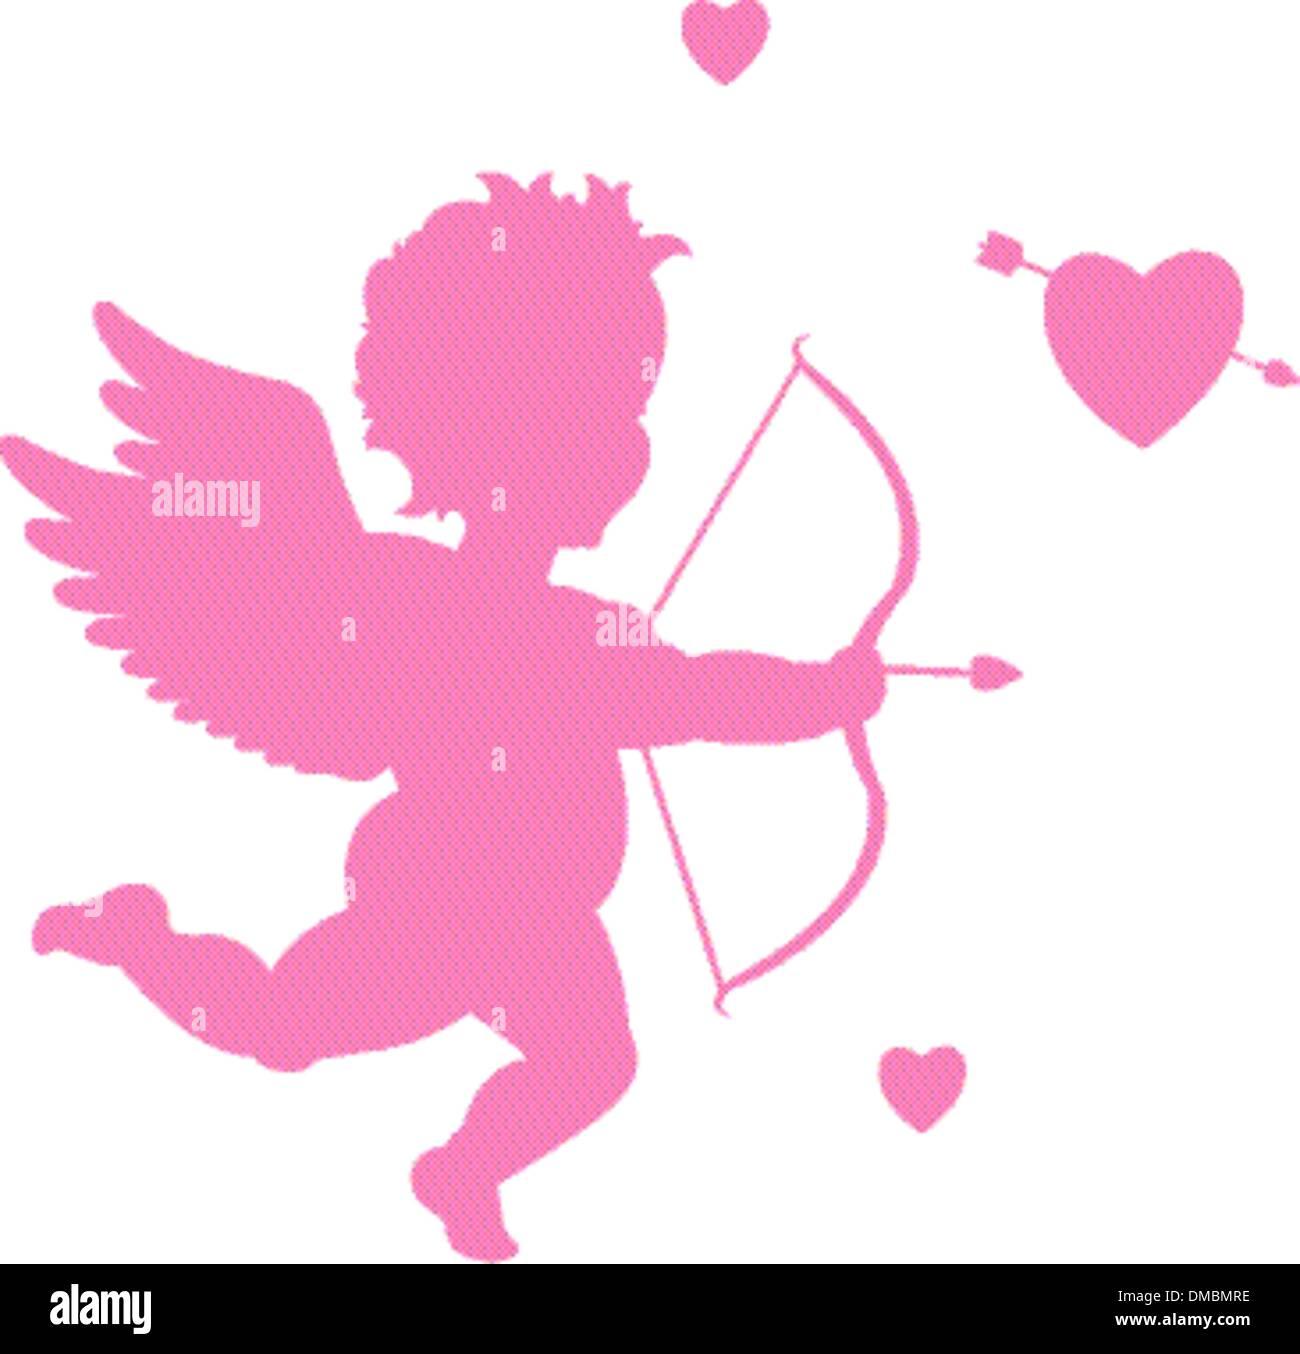 Il giorno di San Valentino Cupido Illustrazione Vettoriale